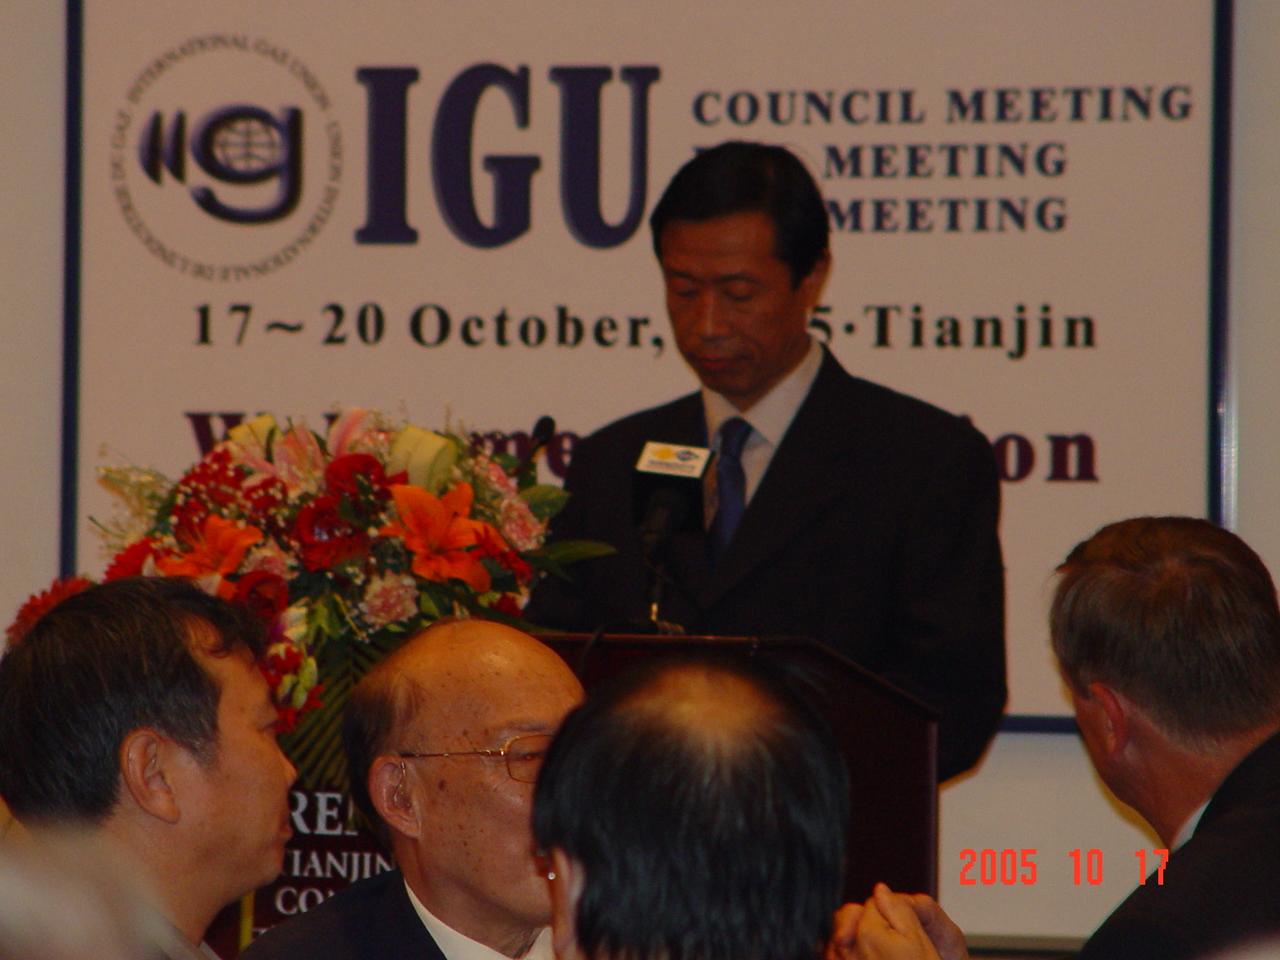 Council Meeting 19 October 2005